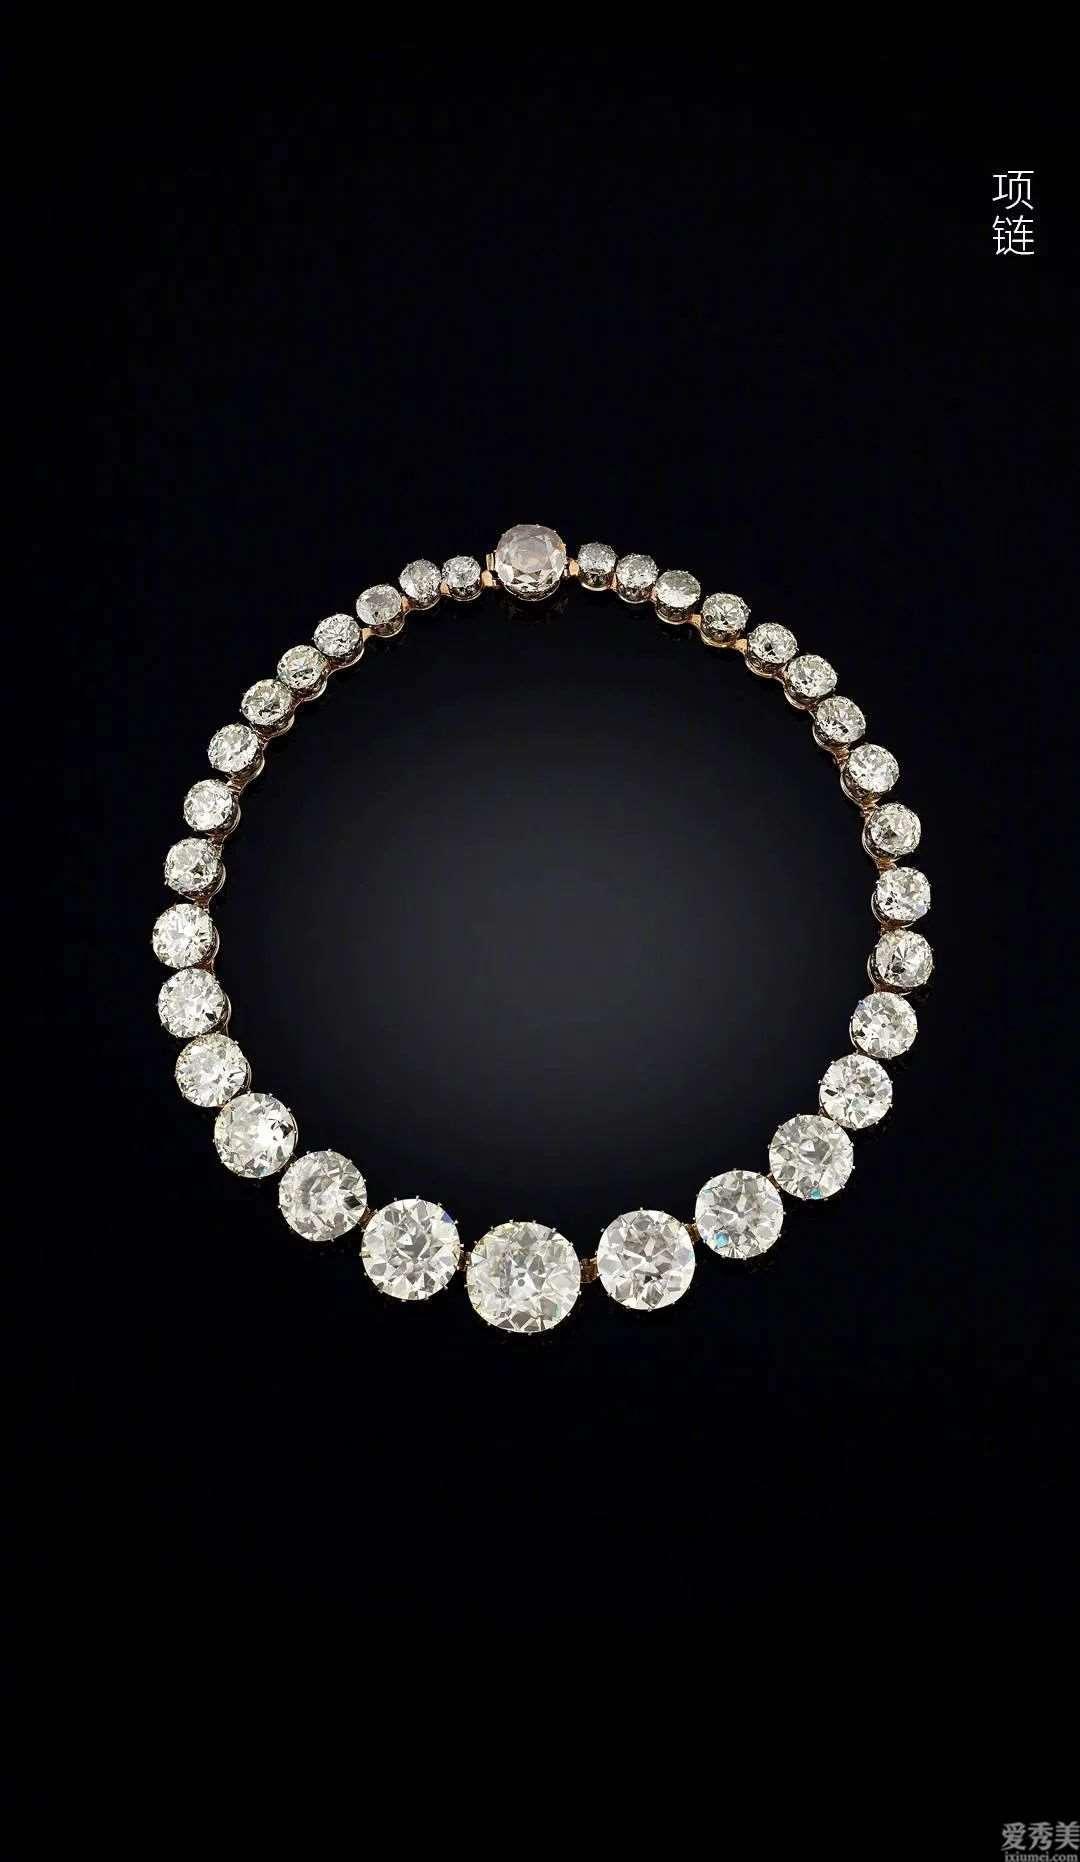 印度的珠宝装饰品各式各样,从项链到头饰统统好看又奢华